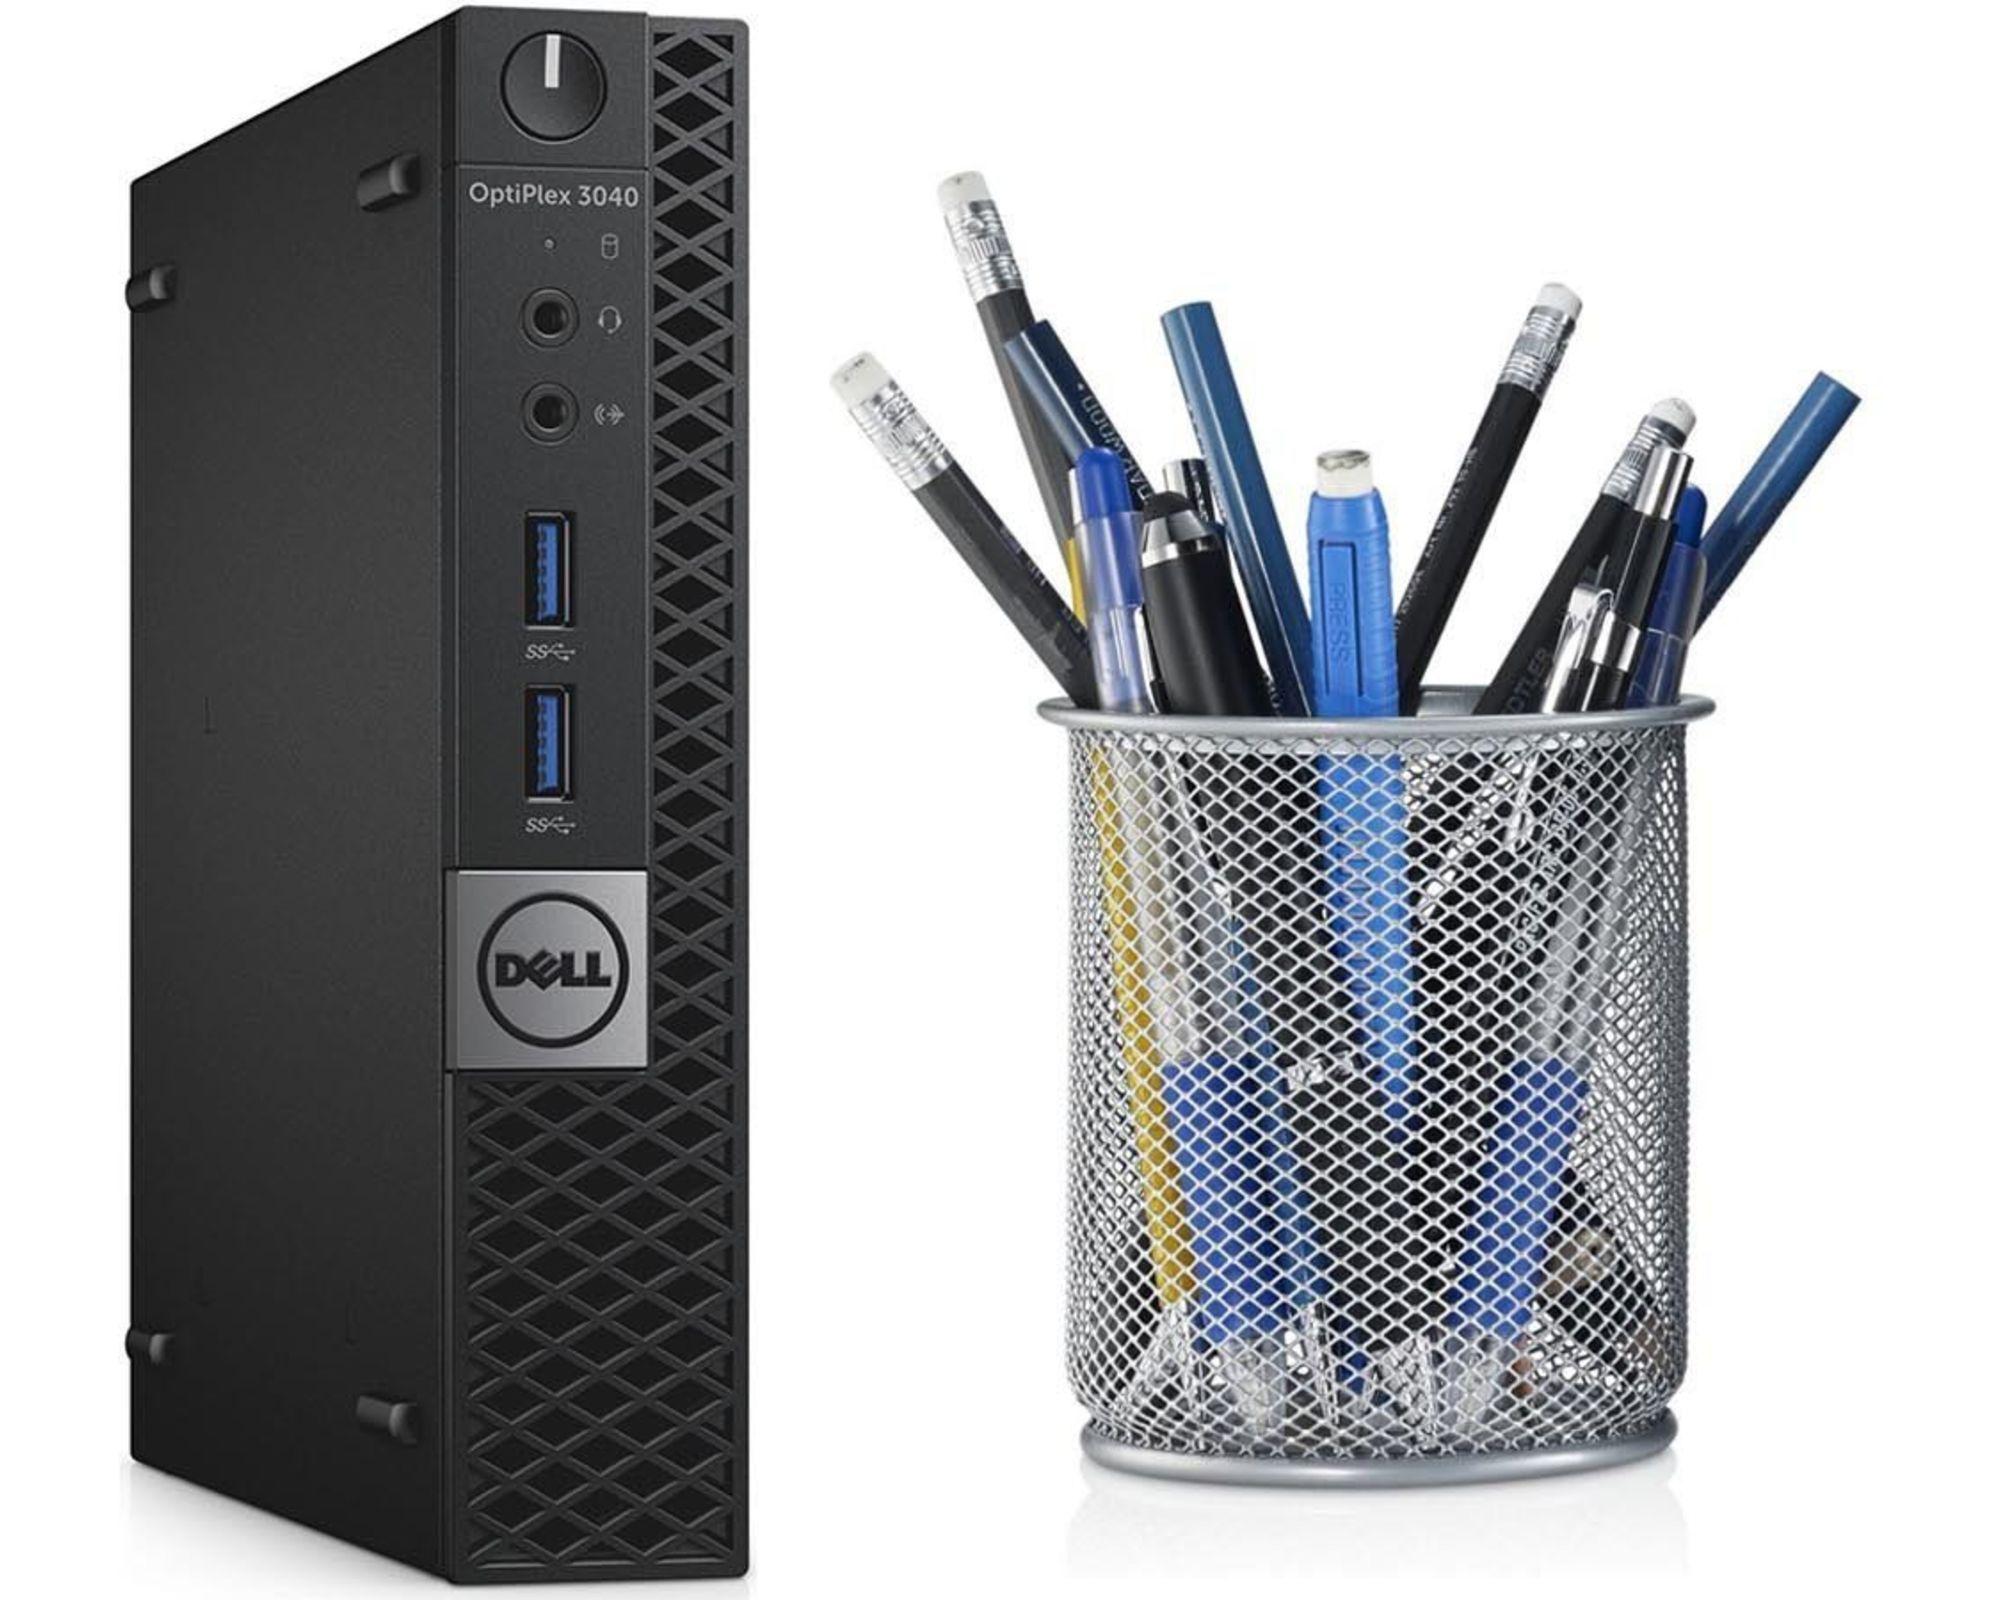 DELL OPTIPLEX 3040 MFF-70085482 - I5(6500T)/ 4G/ SSD 128GB/ VGA Intel 530/ No DVD/ Win10 Pro